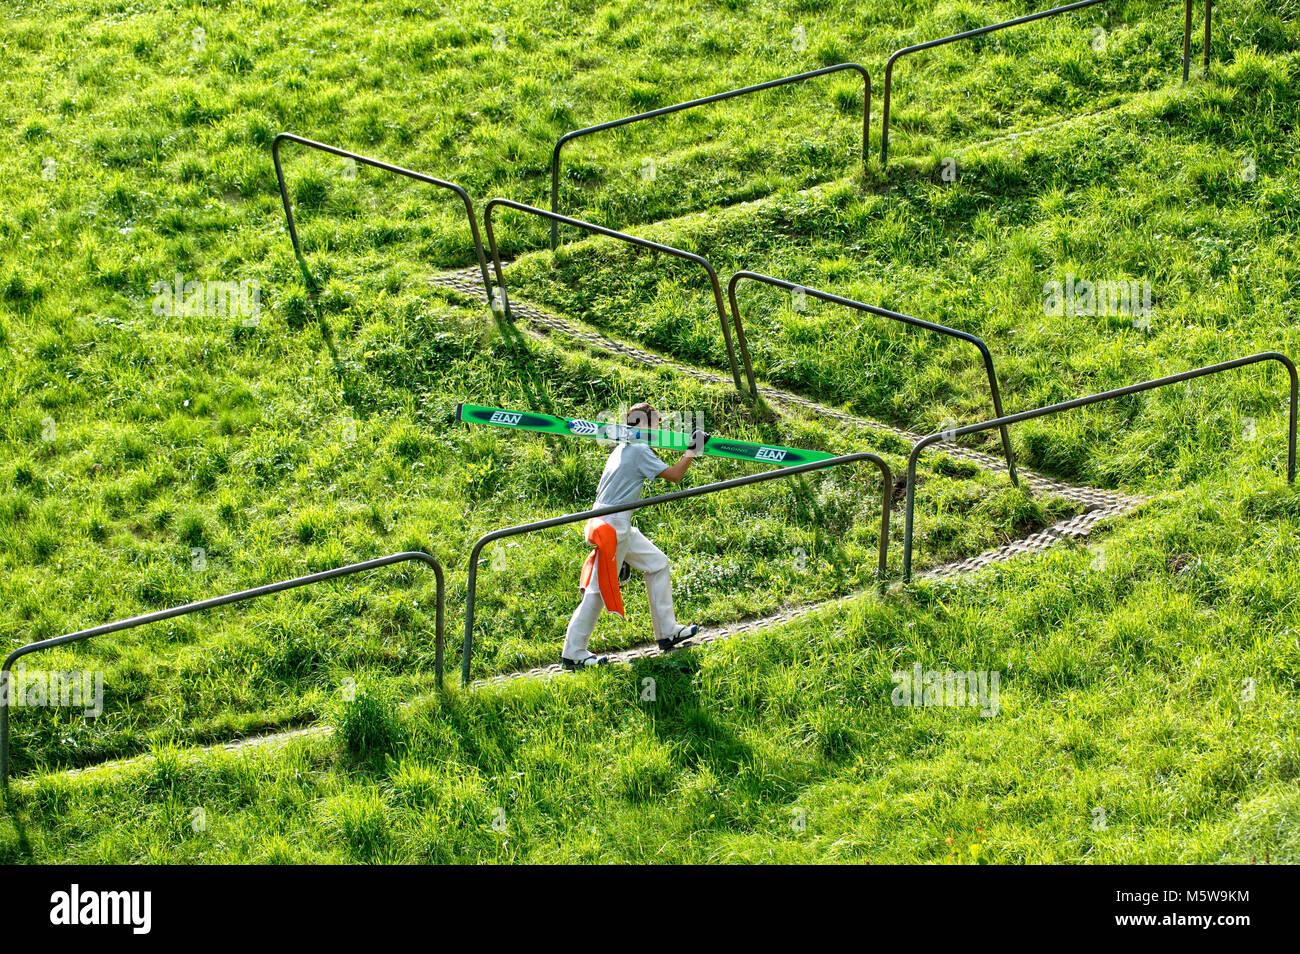 Ski jumper in summer, Meinhardus Jump, Meinerzhagen, North Rhine-Westphalia, Germany, Europe - Stock Image